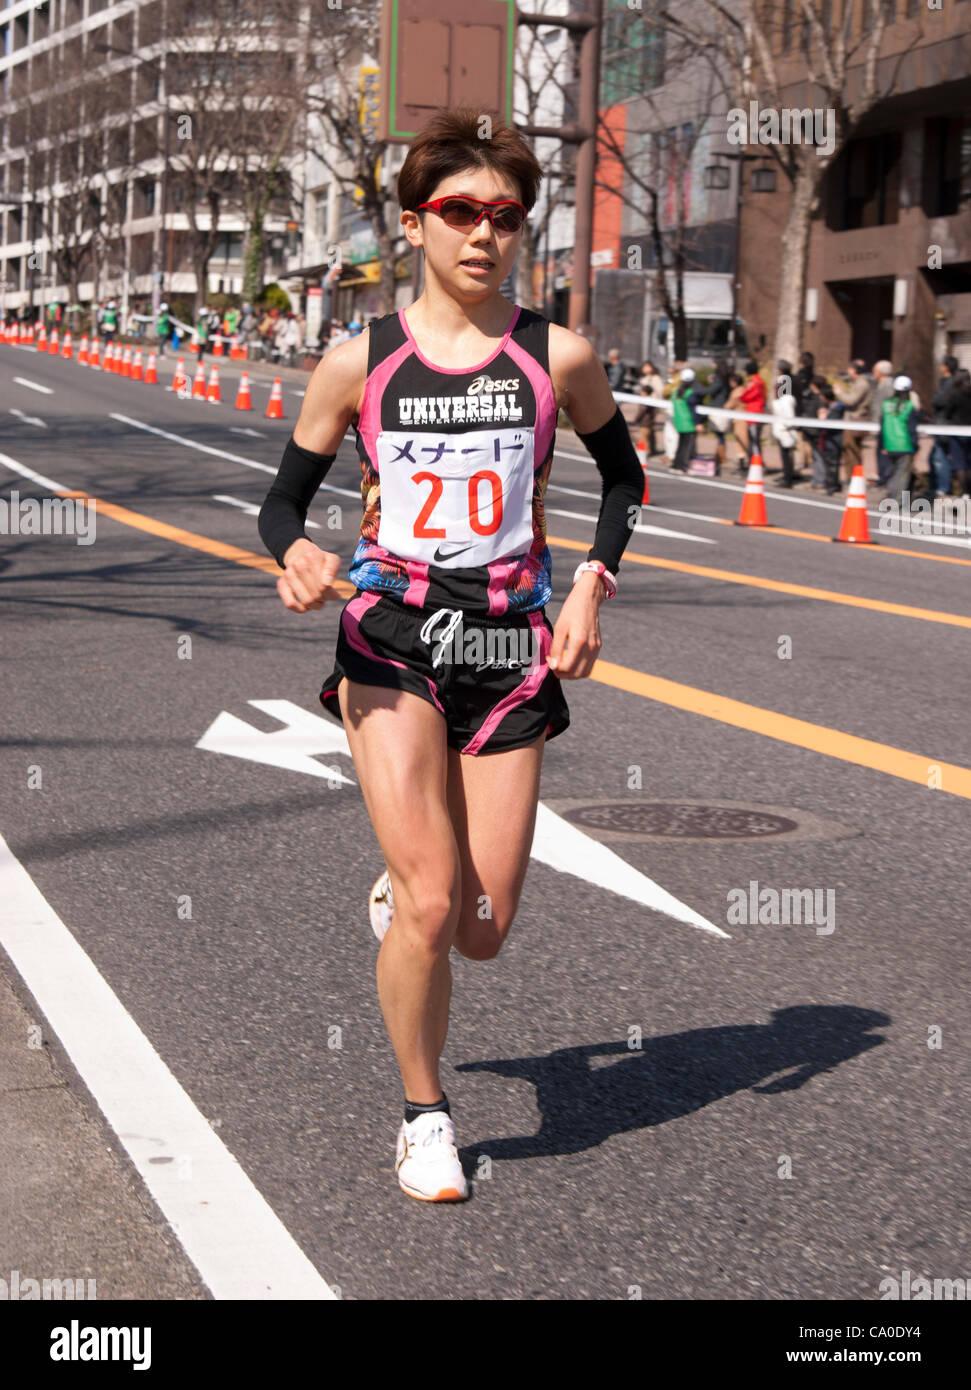 Kaoru Nagao (numero 20) in Nagoya femminile alla maratona, Nagoya, Giappone, 11 marzo 2012 Immagini Stock